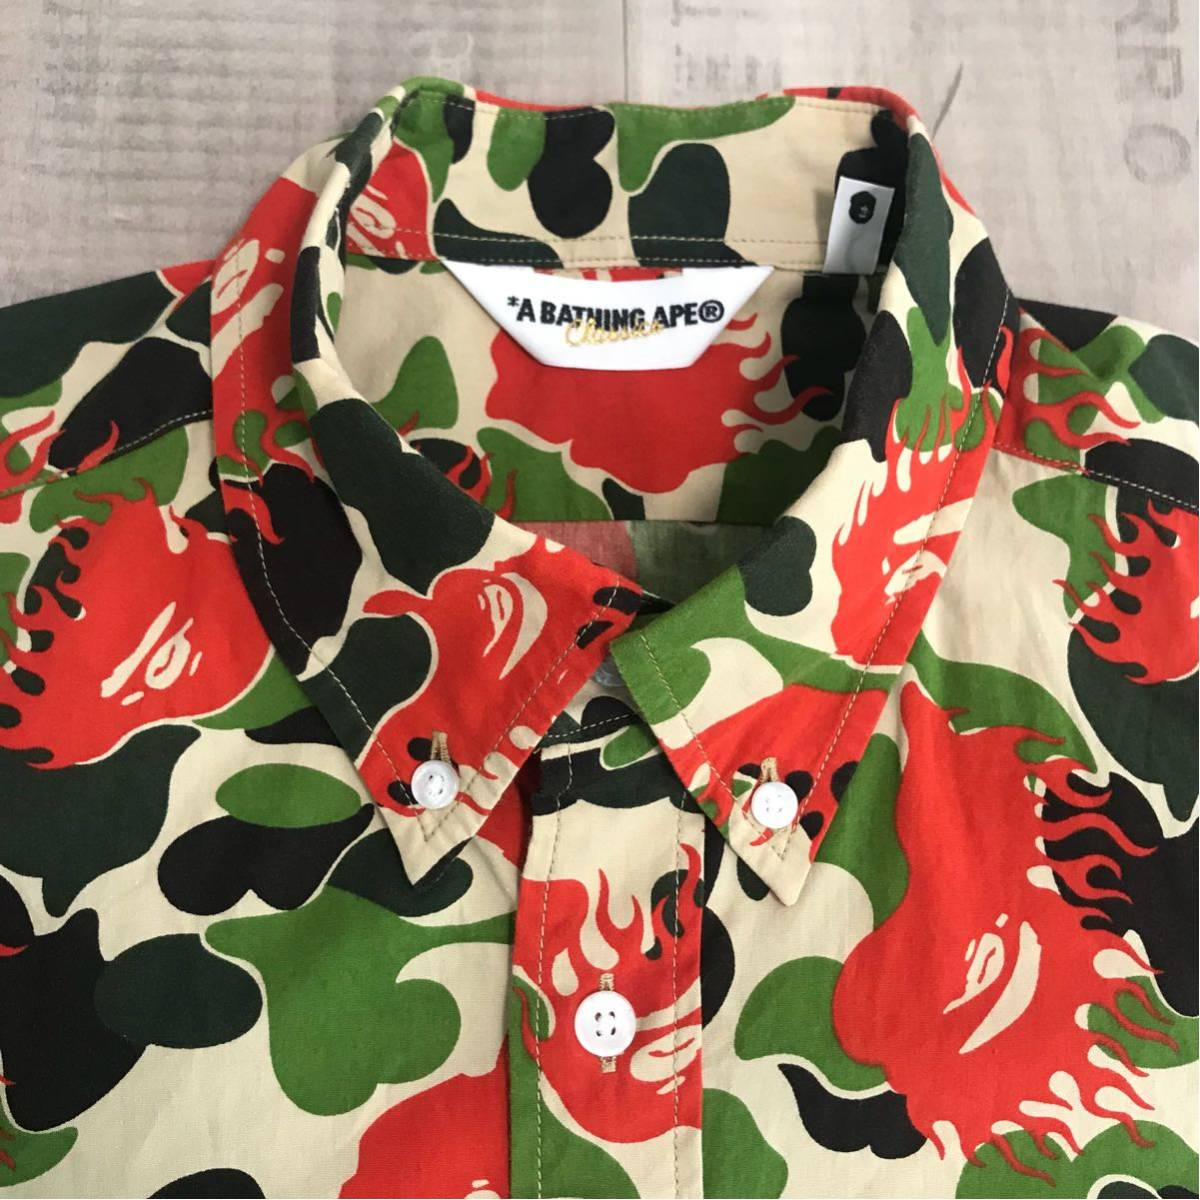 ★激レア★ fire camo BD 半袖シャツ Mサイズ a bathing ape bape エイプ ベイプ アベイシングエイプ ファイヤーカモ 迷彩 nigo flame